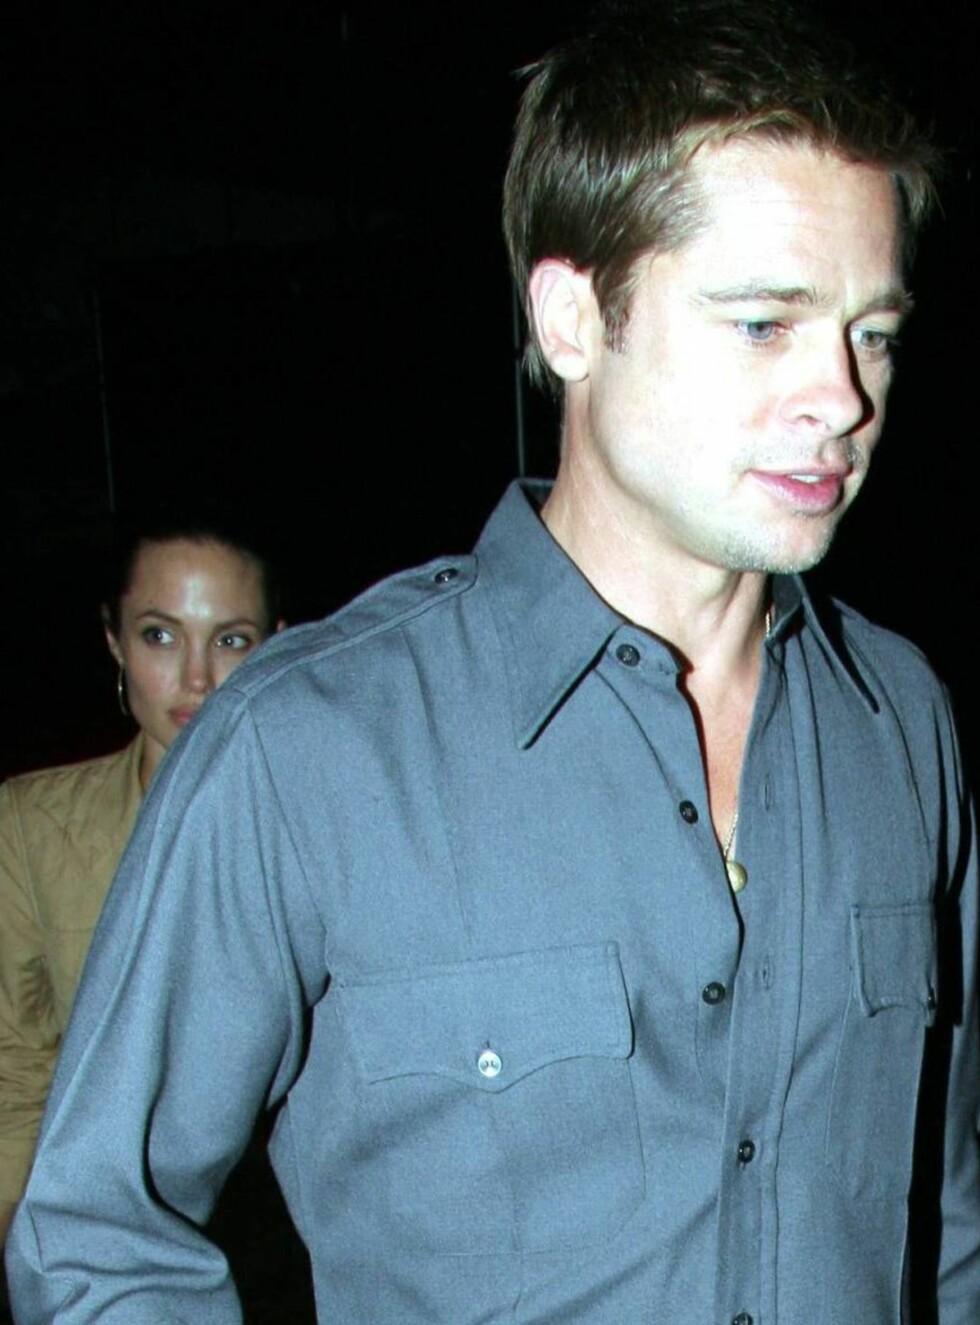 PÅ LUFTETUR: Det er lenge siden vi har sett Brad og Angelina sammen. Foto: All Over Press